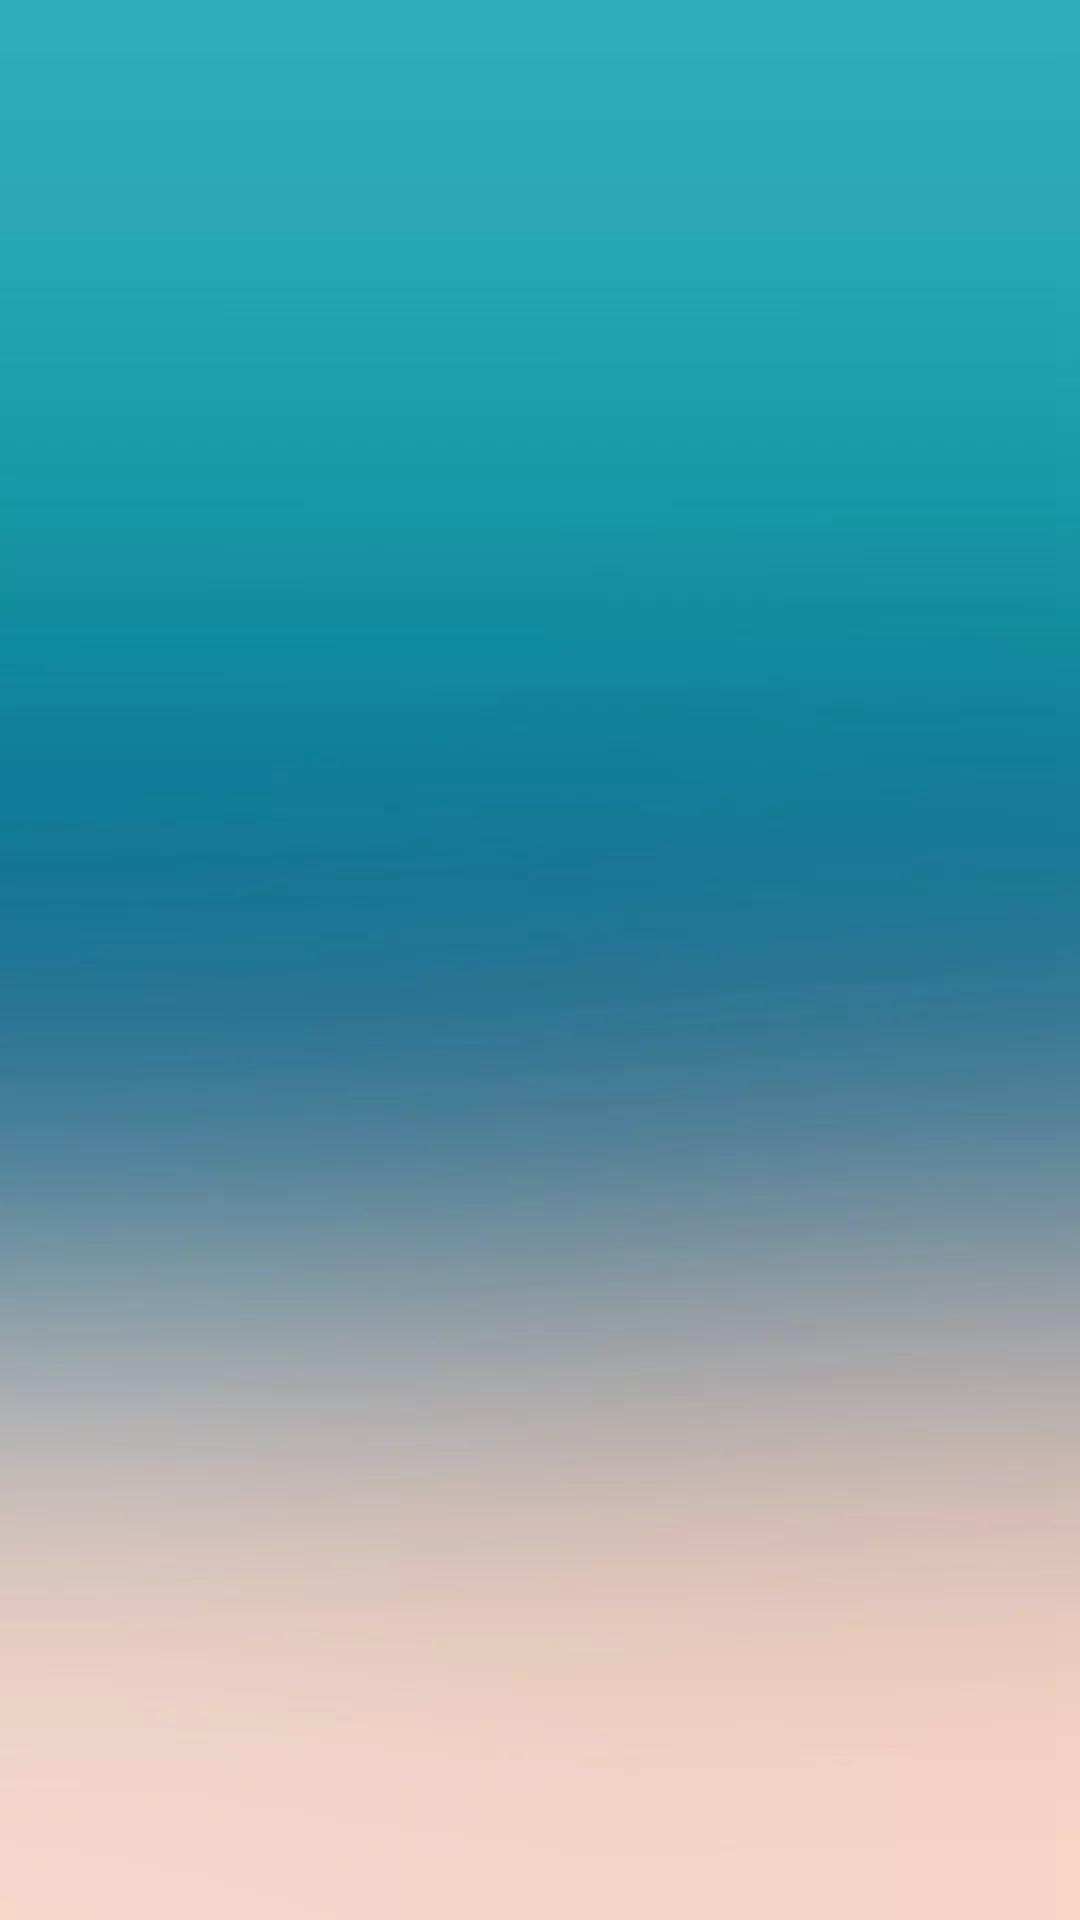 Light Blue iPhone 6 wallpaper